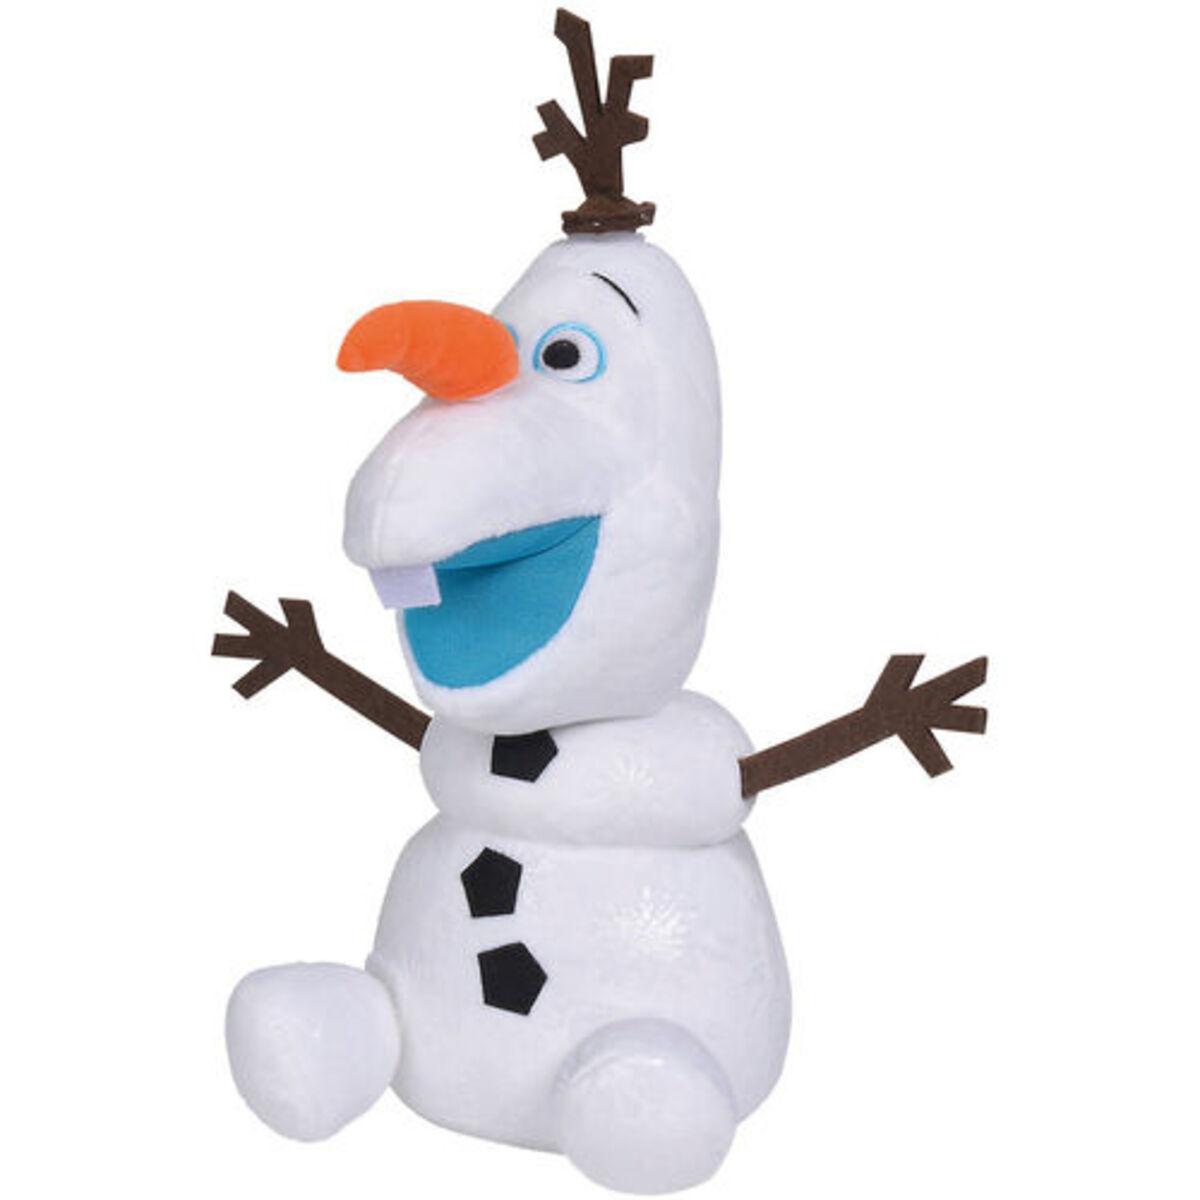 """Bild 5 von Simba Plüschfigur Olaf """"Disney Die Eiskönigin"""", weiß"""